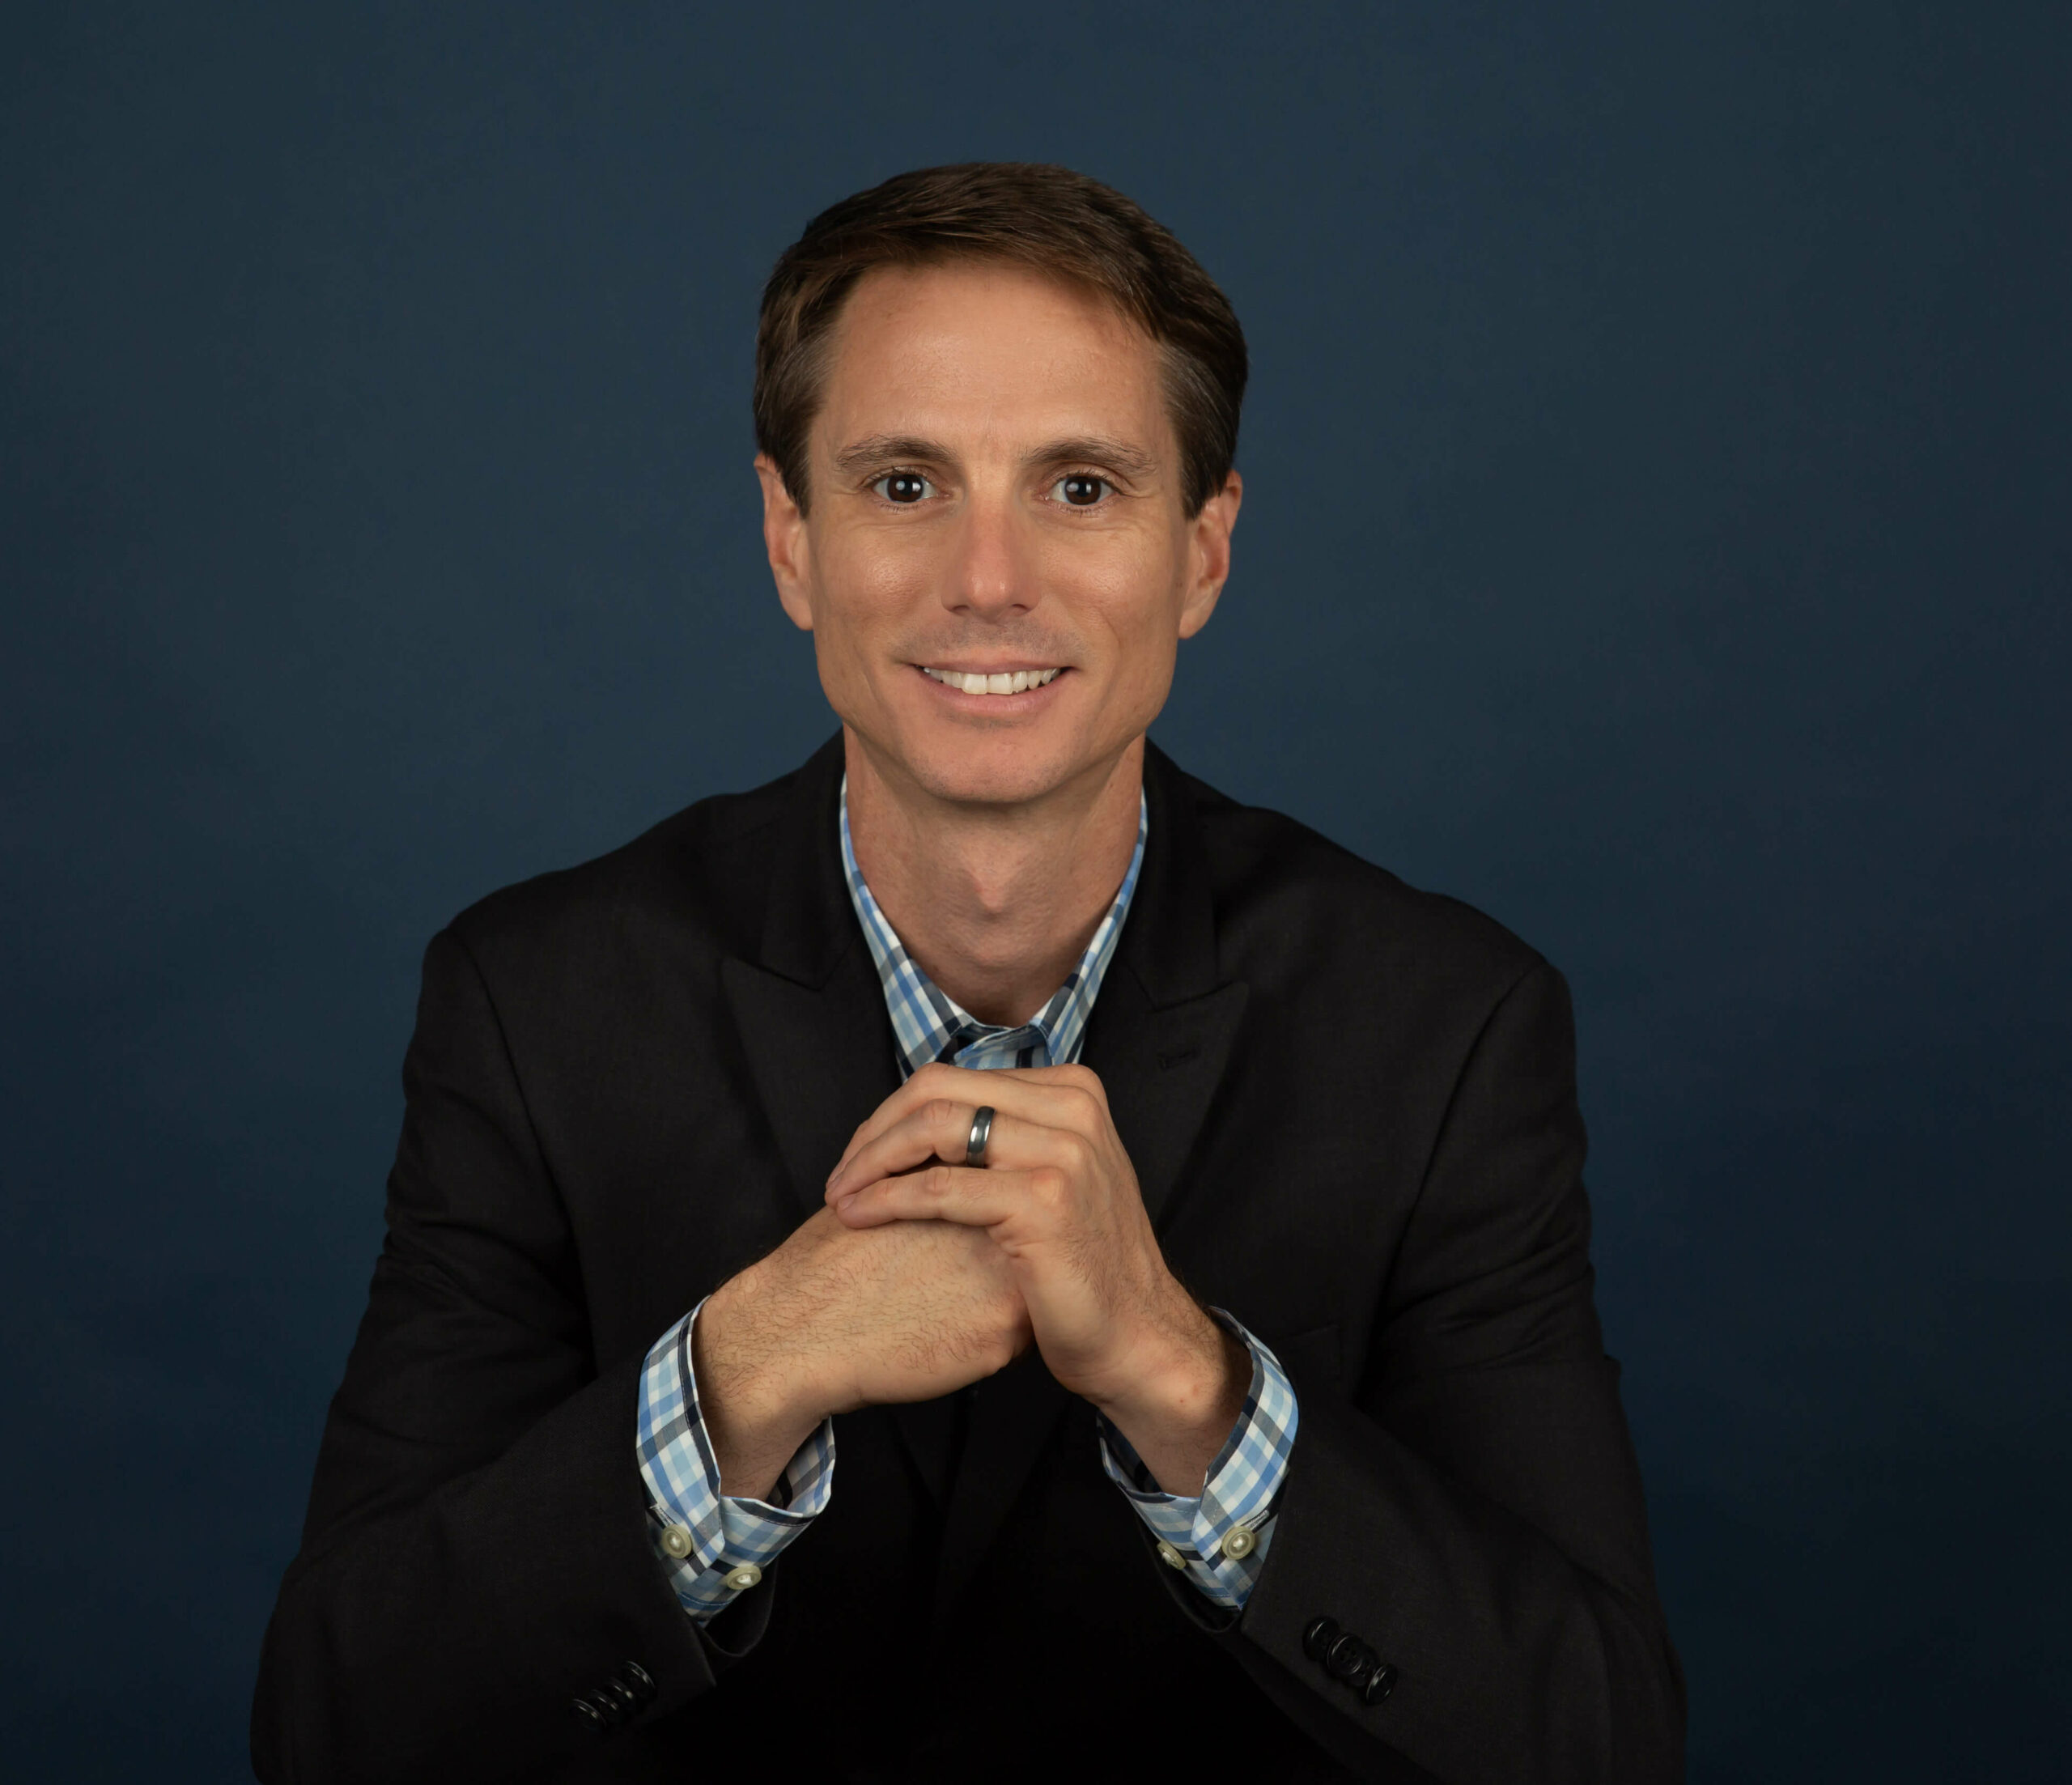 Dr. Max Cohen